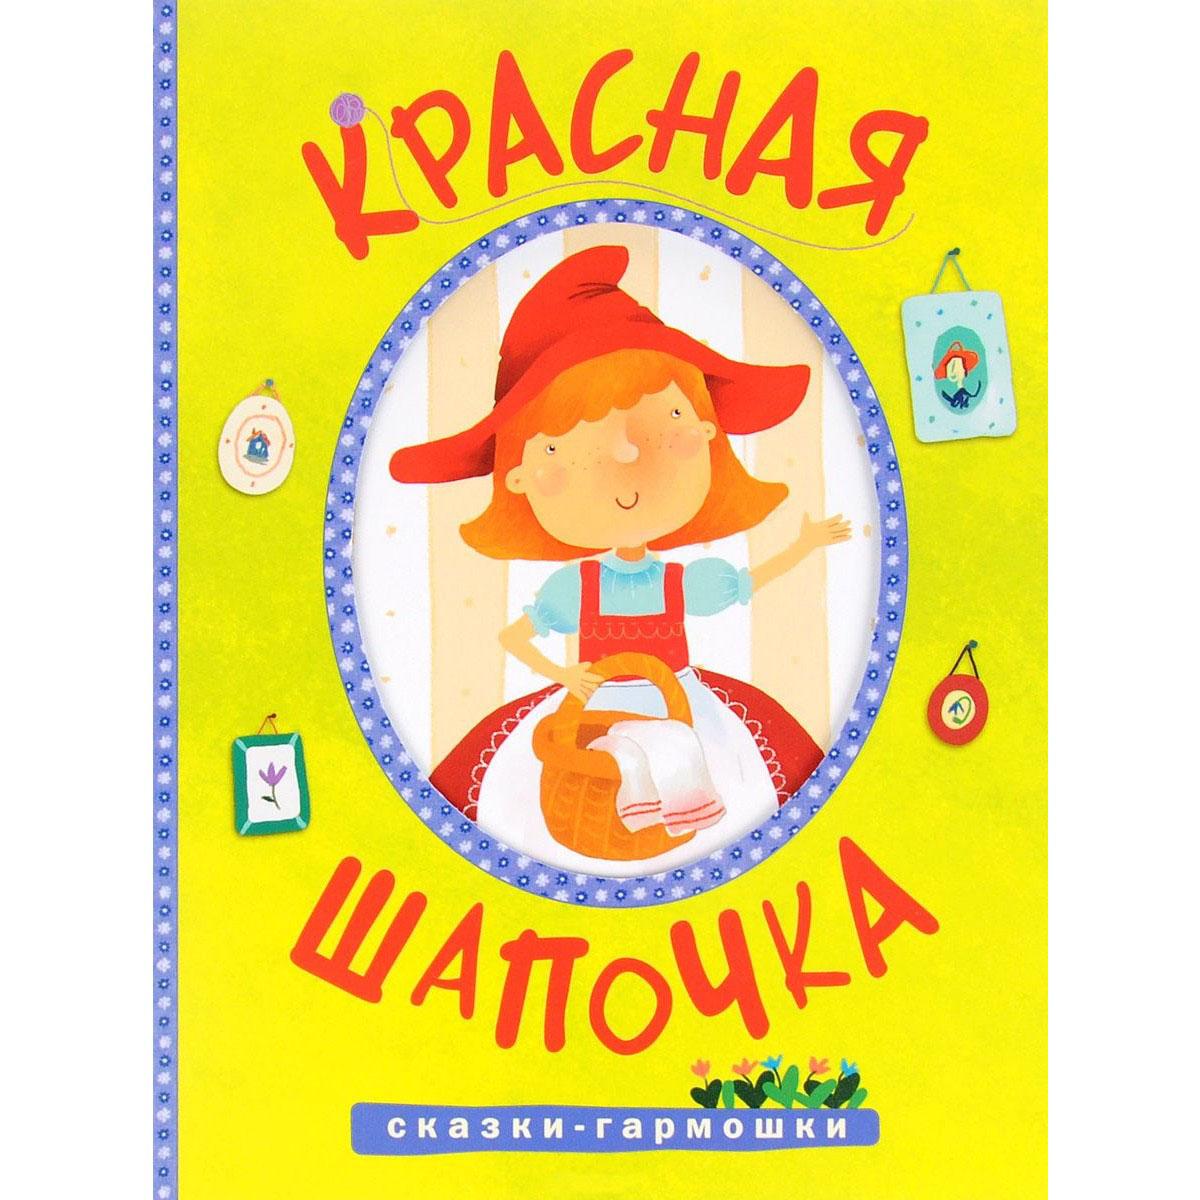 Книга - Сказки-гармошки. Красная шапочкаБибилиотека детского сада<br>Книга - Сказки-гармошки. Красная шапочка<br>